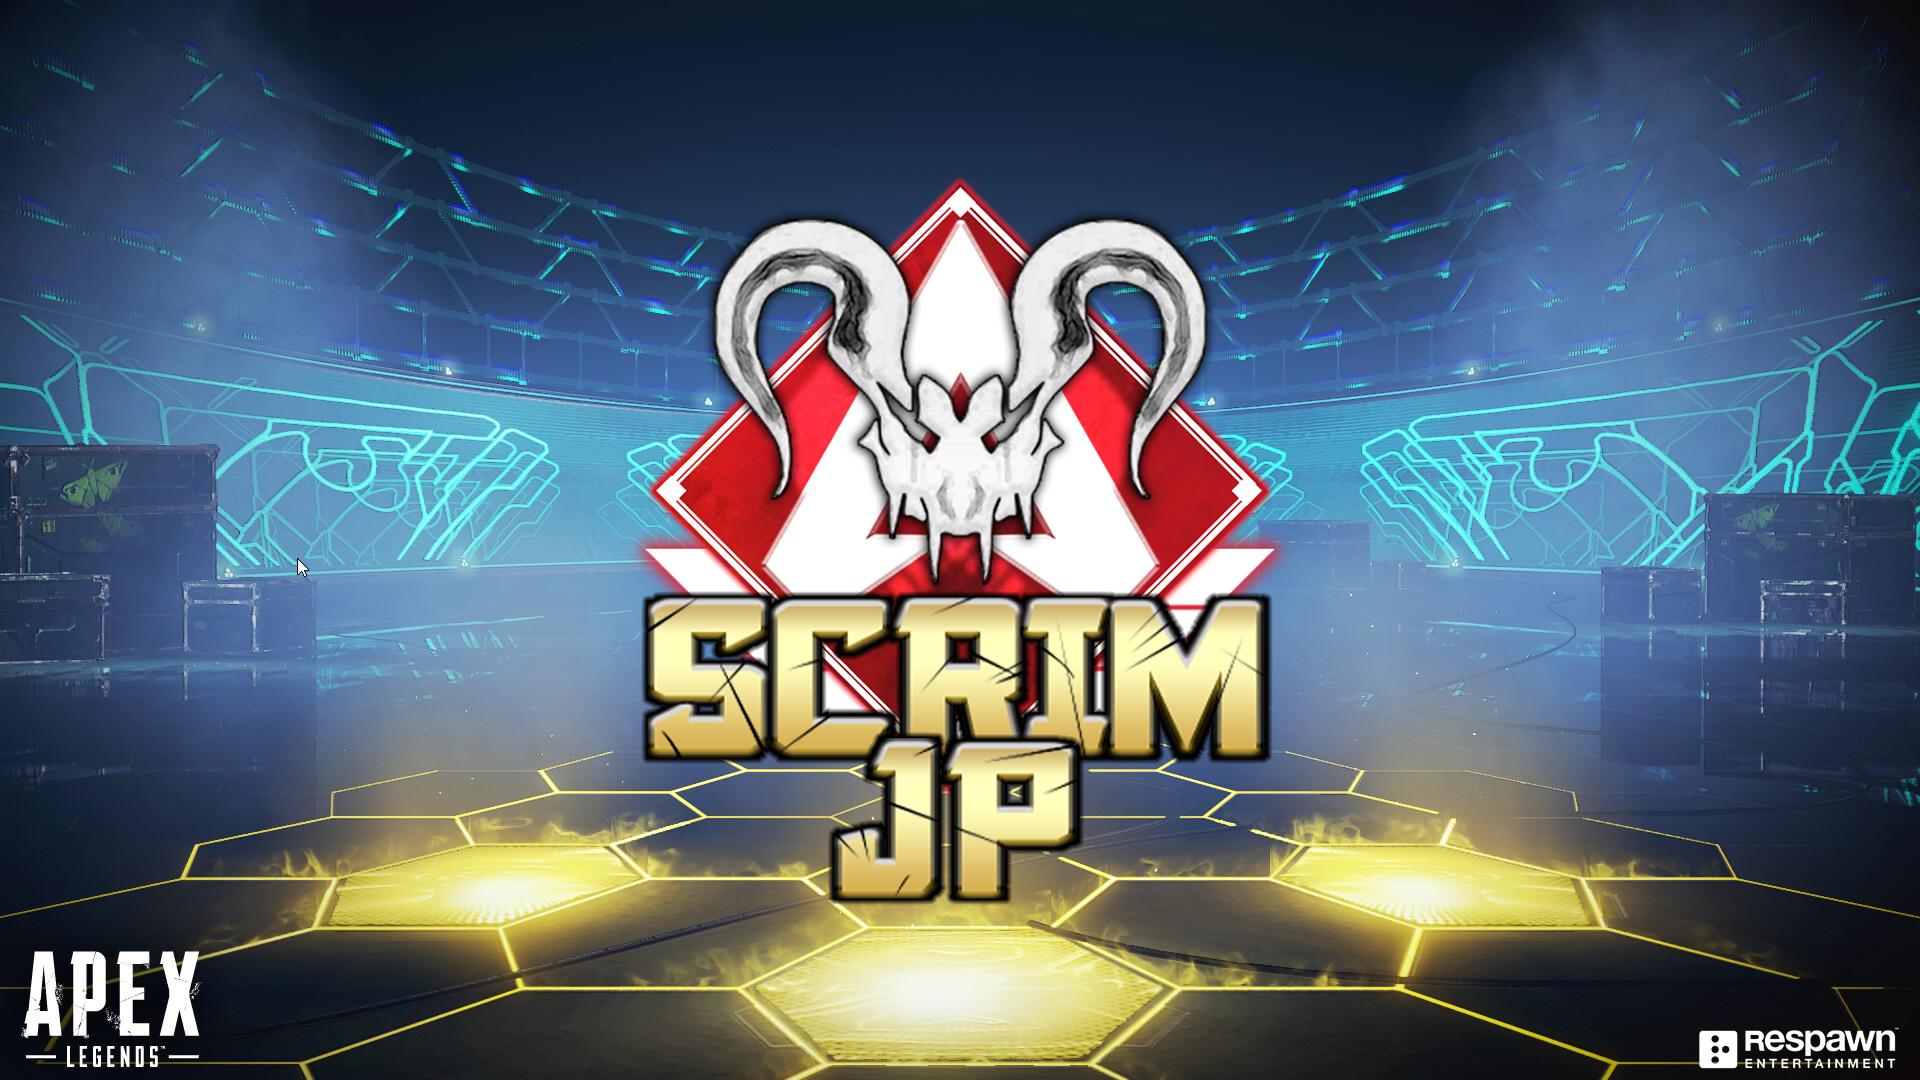 【8/29(日)21:00~】PS4/PS5版エーペックスレジェンズ カスタム大会「Apex Legends Scrim JP Cup#9」主催のお知らせ